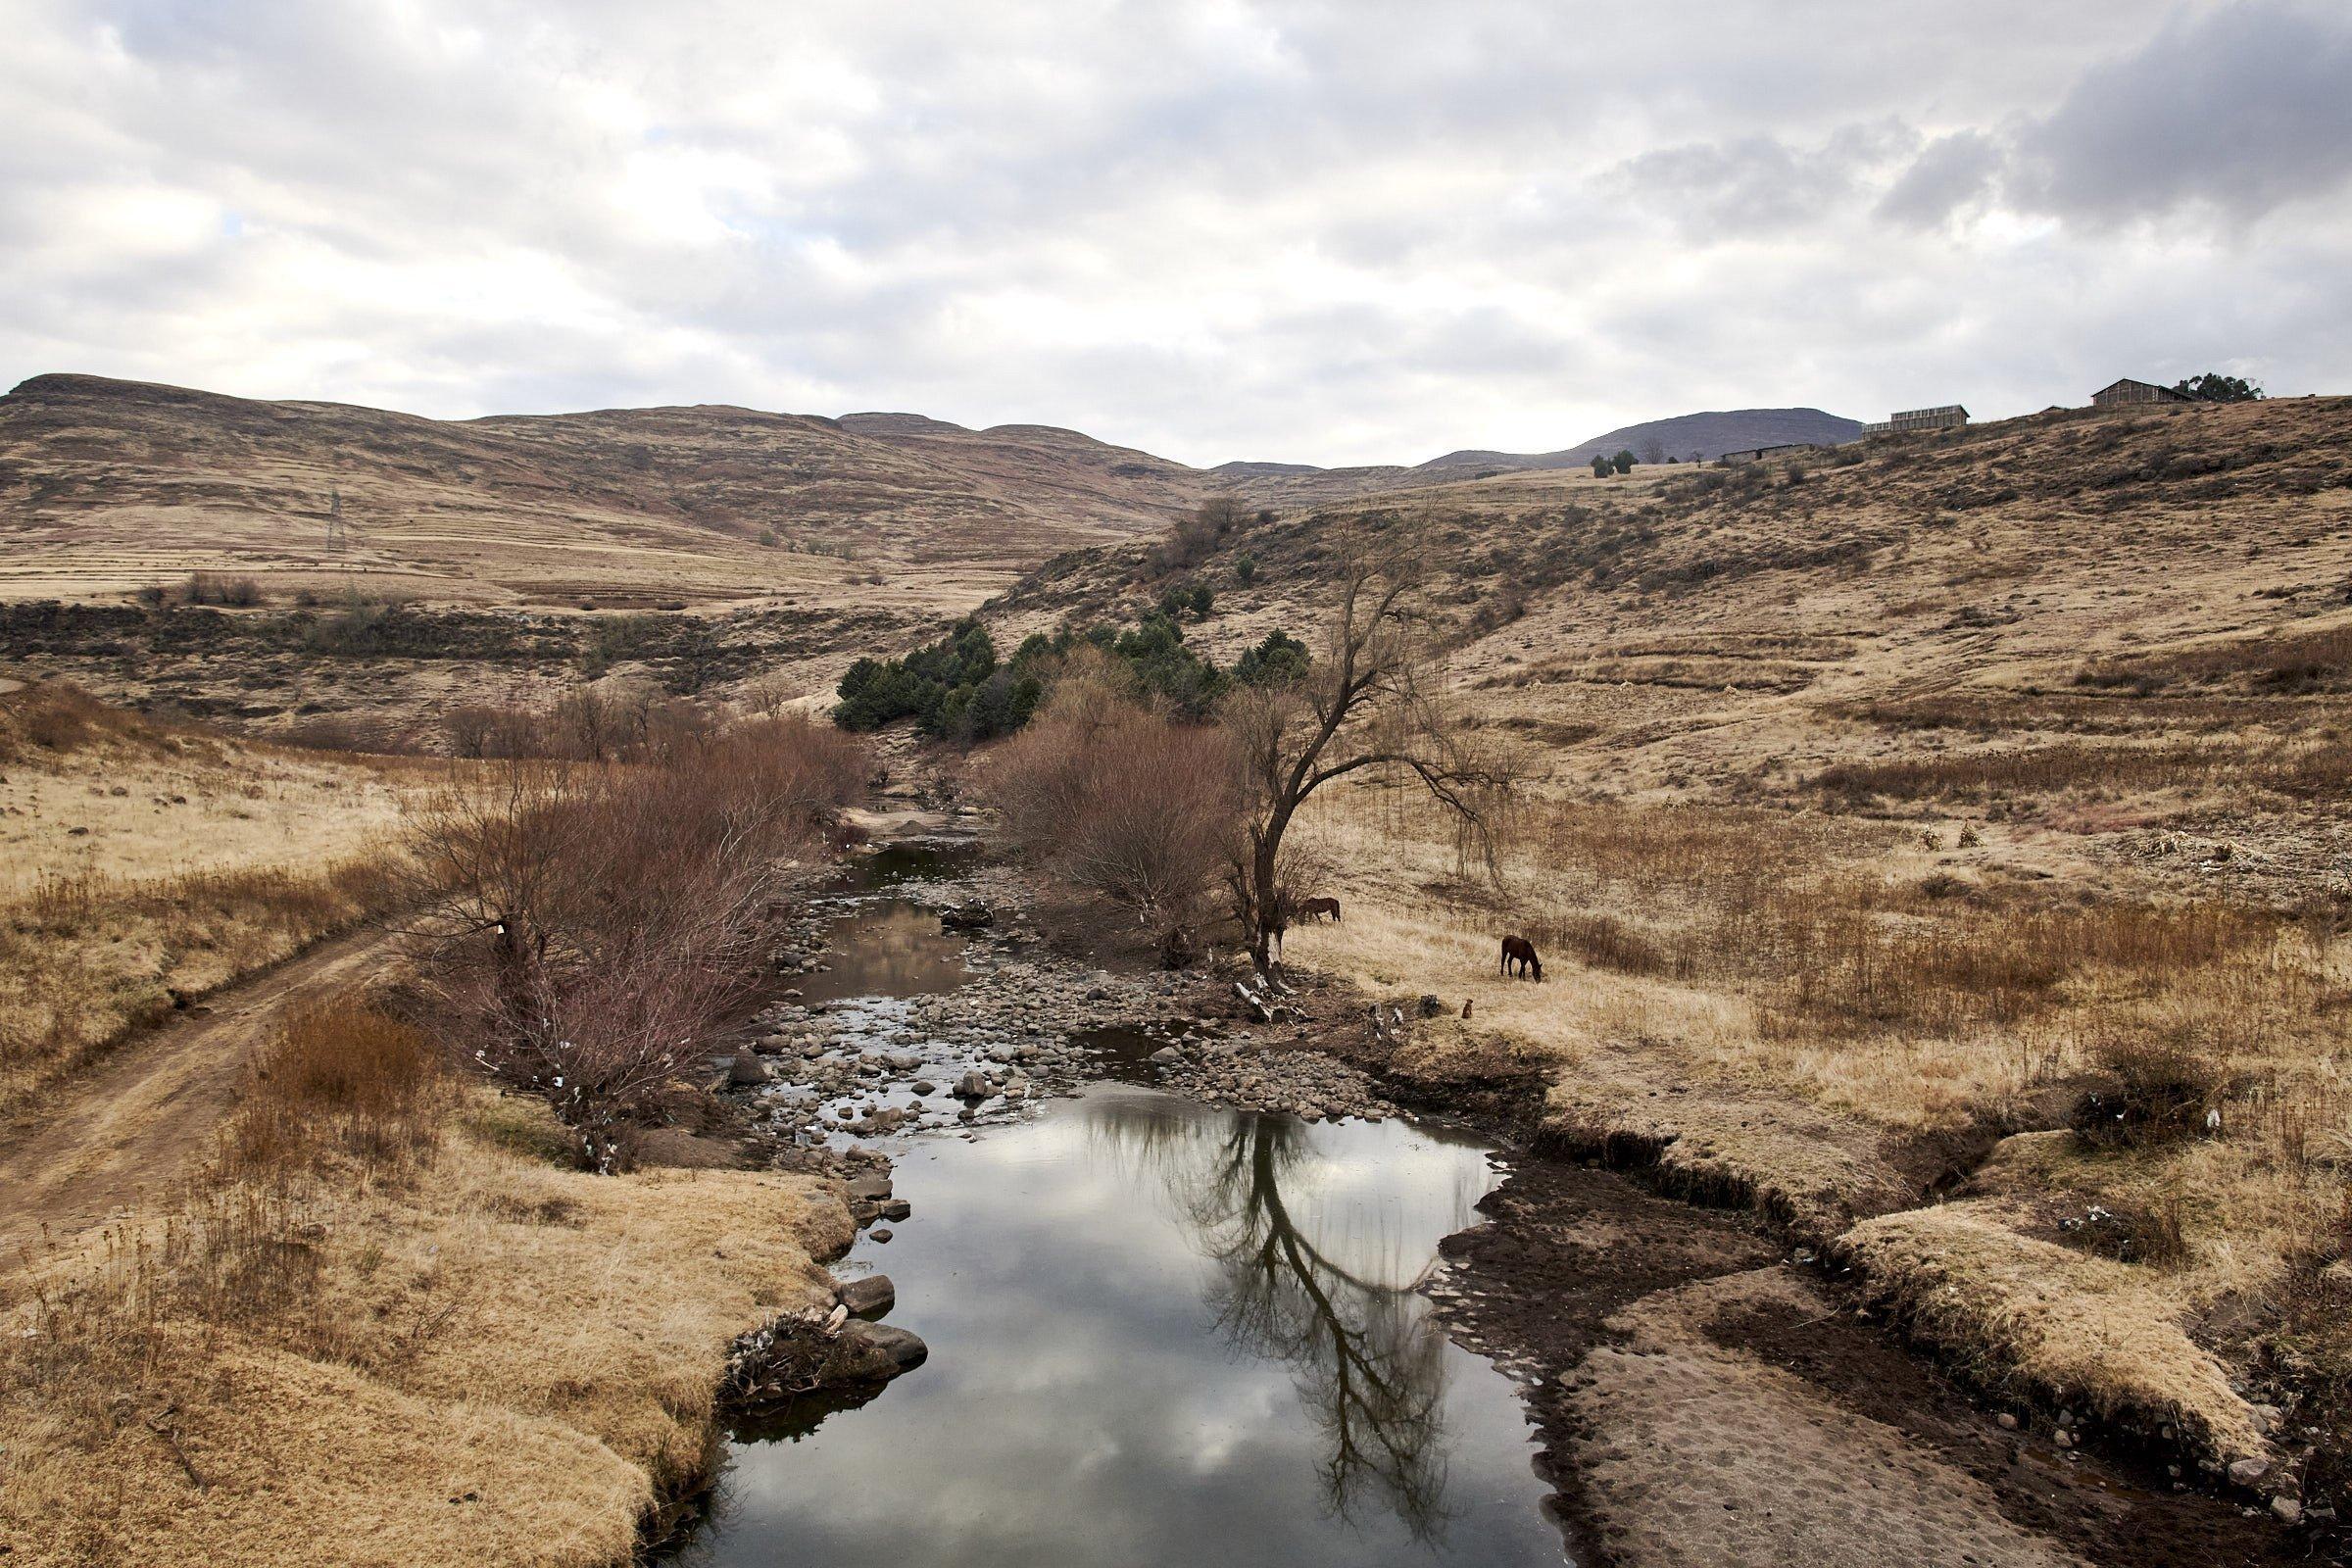 Ein Fluss fließt durch die fahle Graslandschaft, am Ufer ein paar Pferde und Bäume